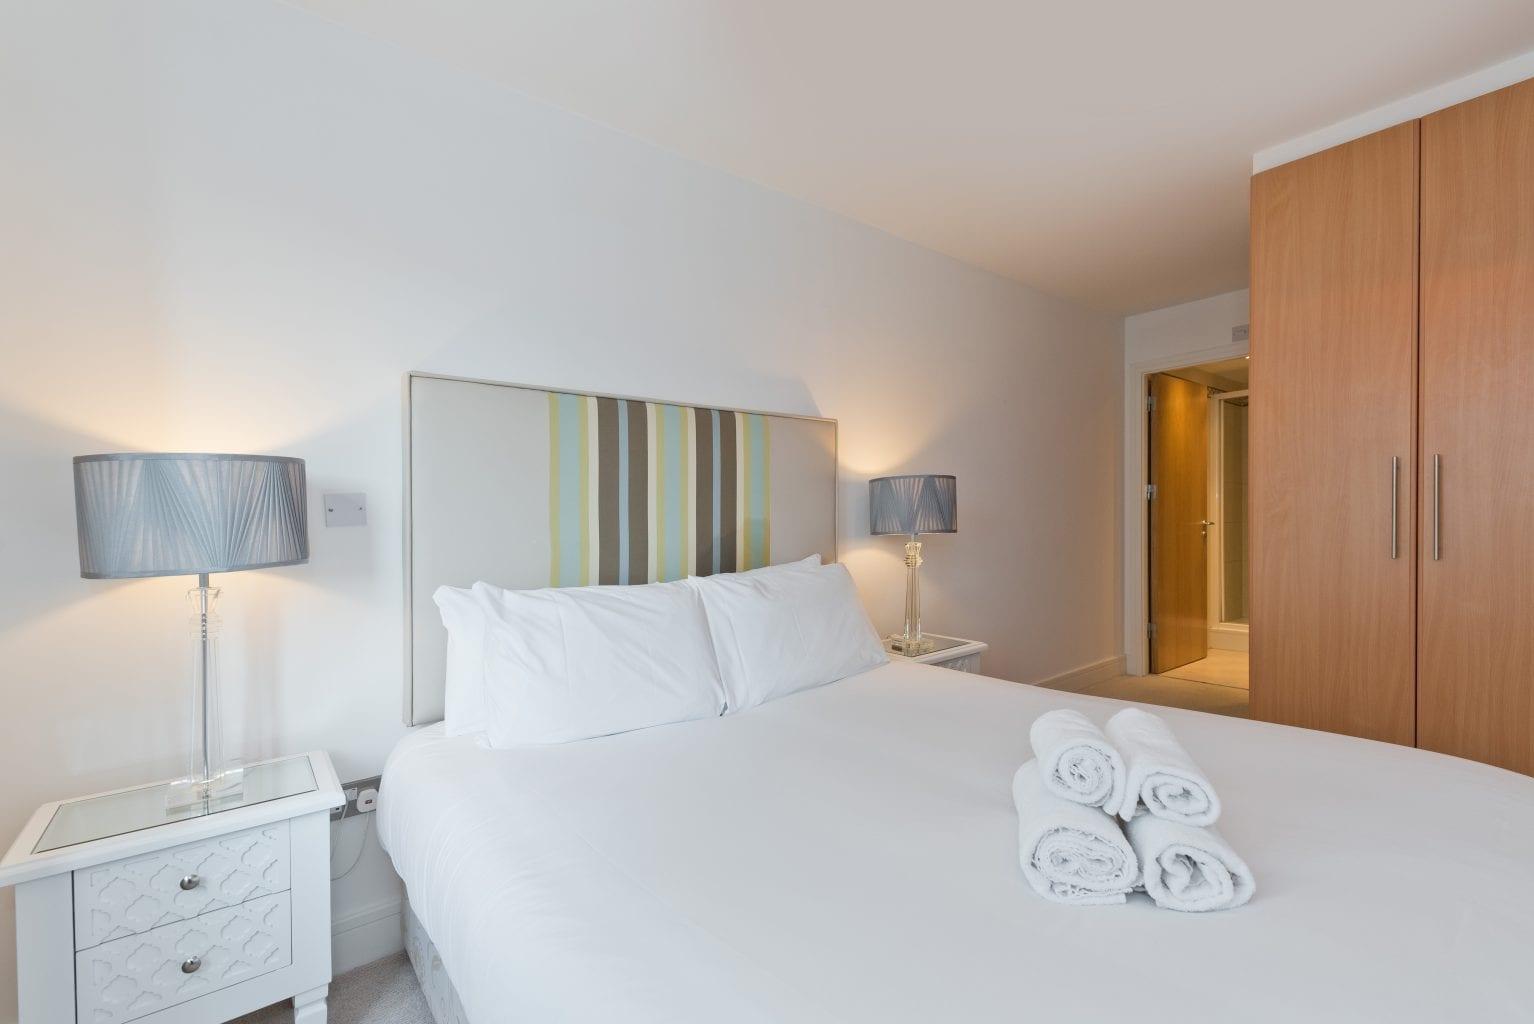 Cosy bedroom at Longboat Quay, Docklands, Dublin